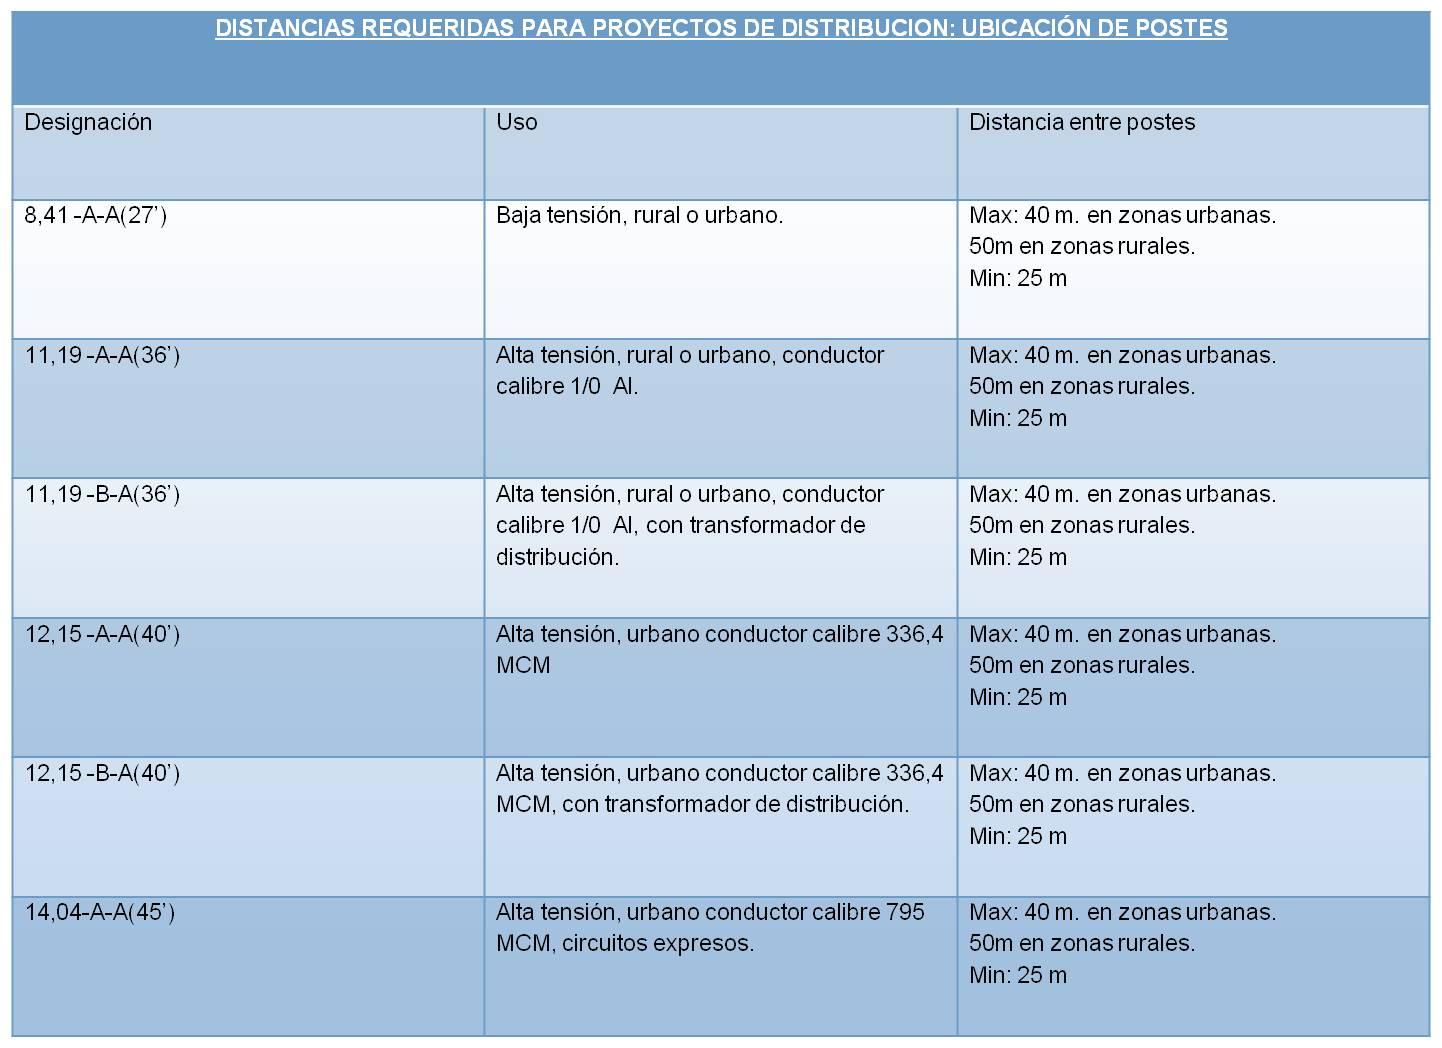 Redes Electricas: NORMAS DE POSTES